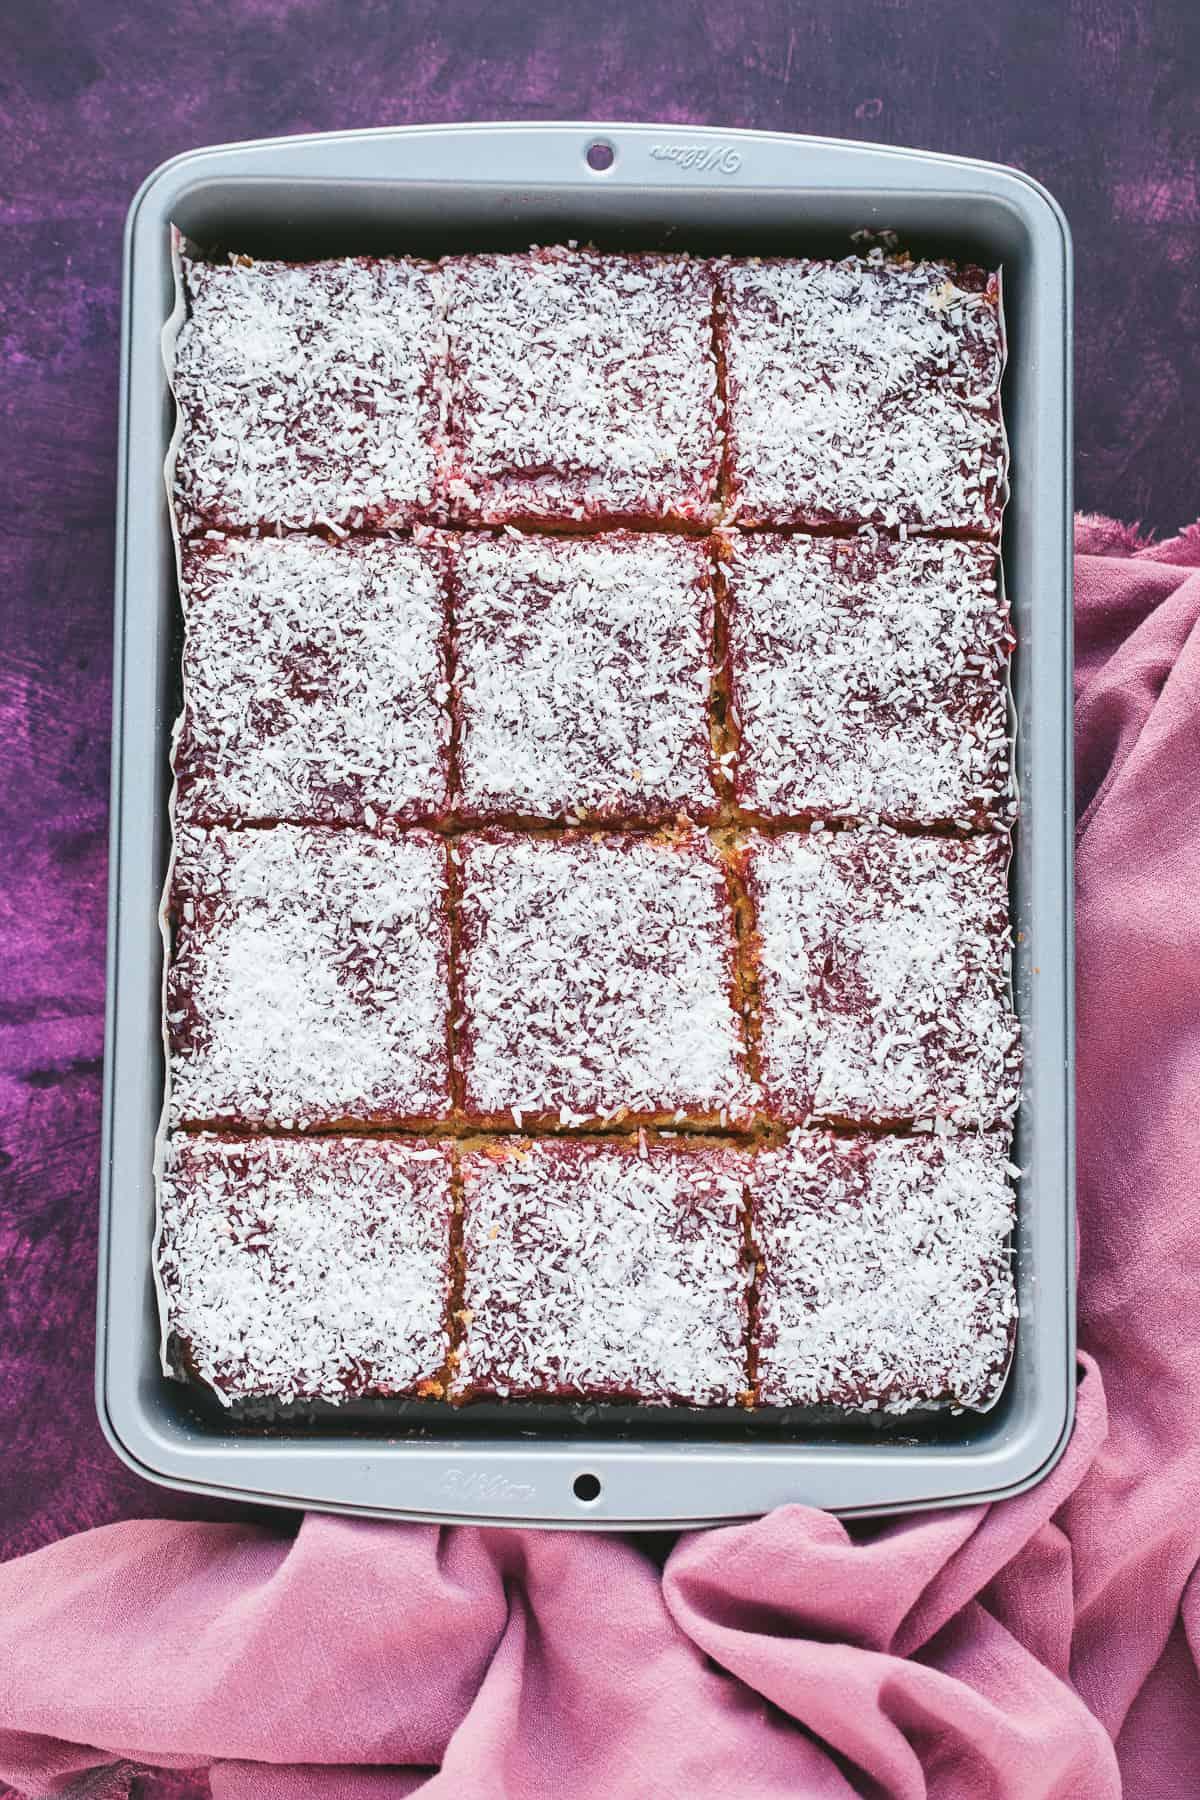 A traybake cake in a rectangular baking tin.